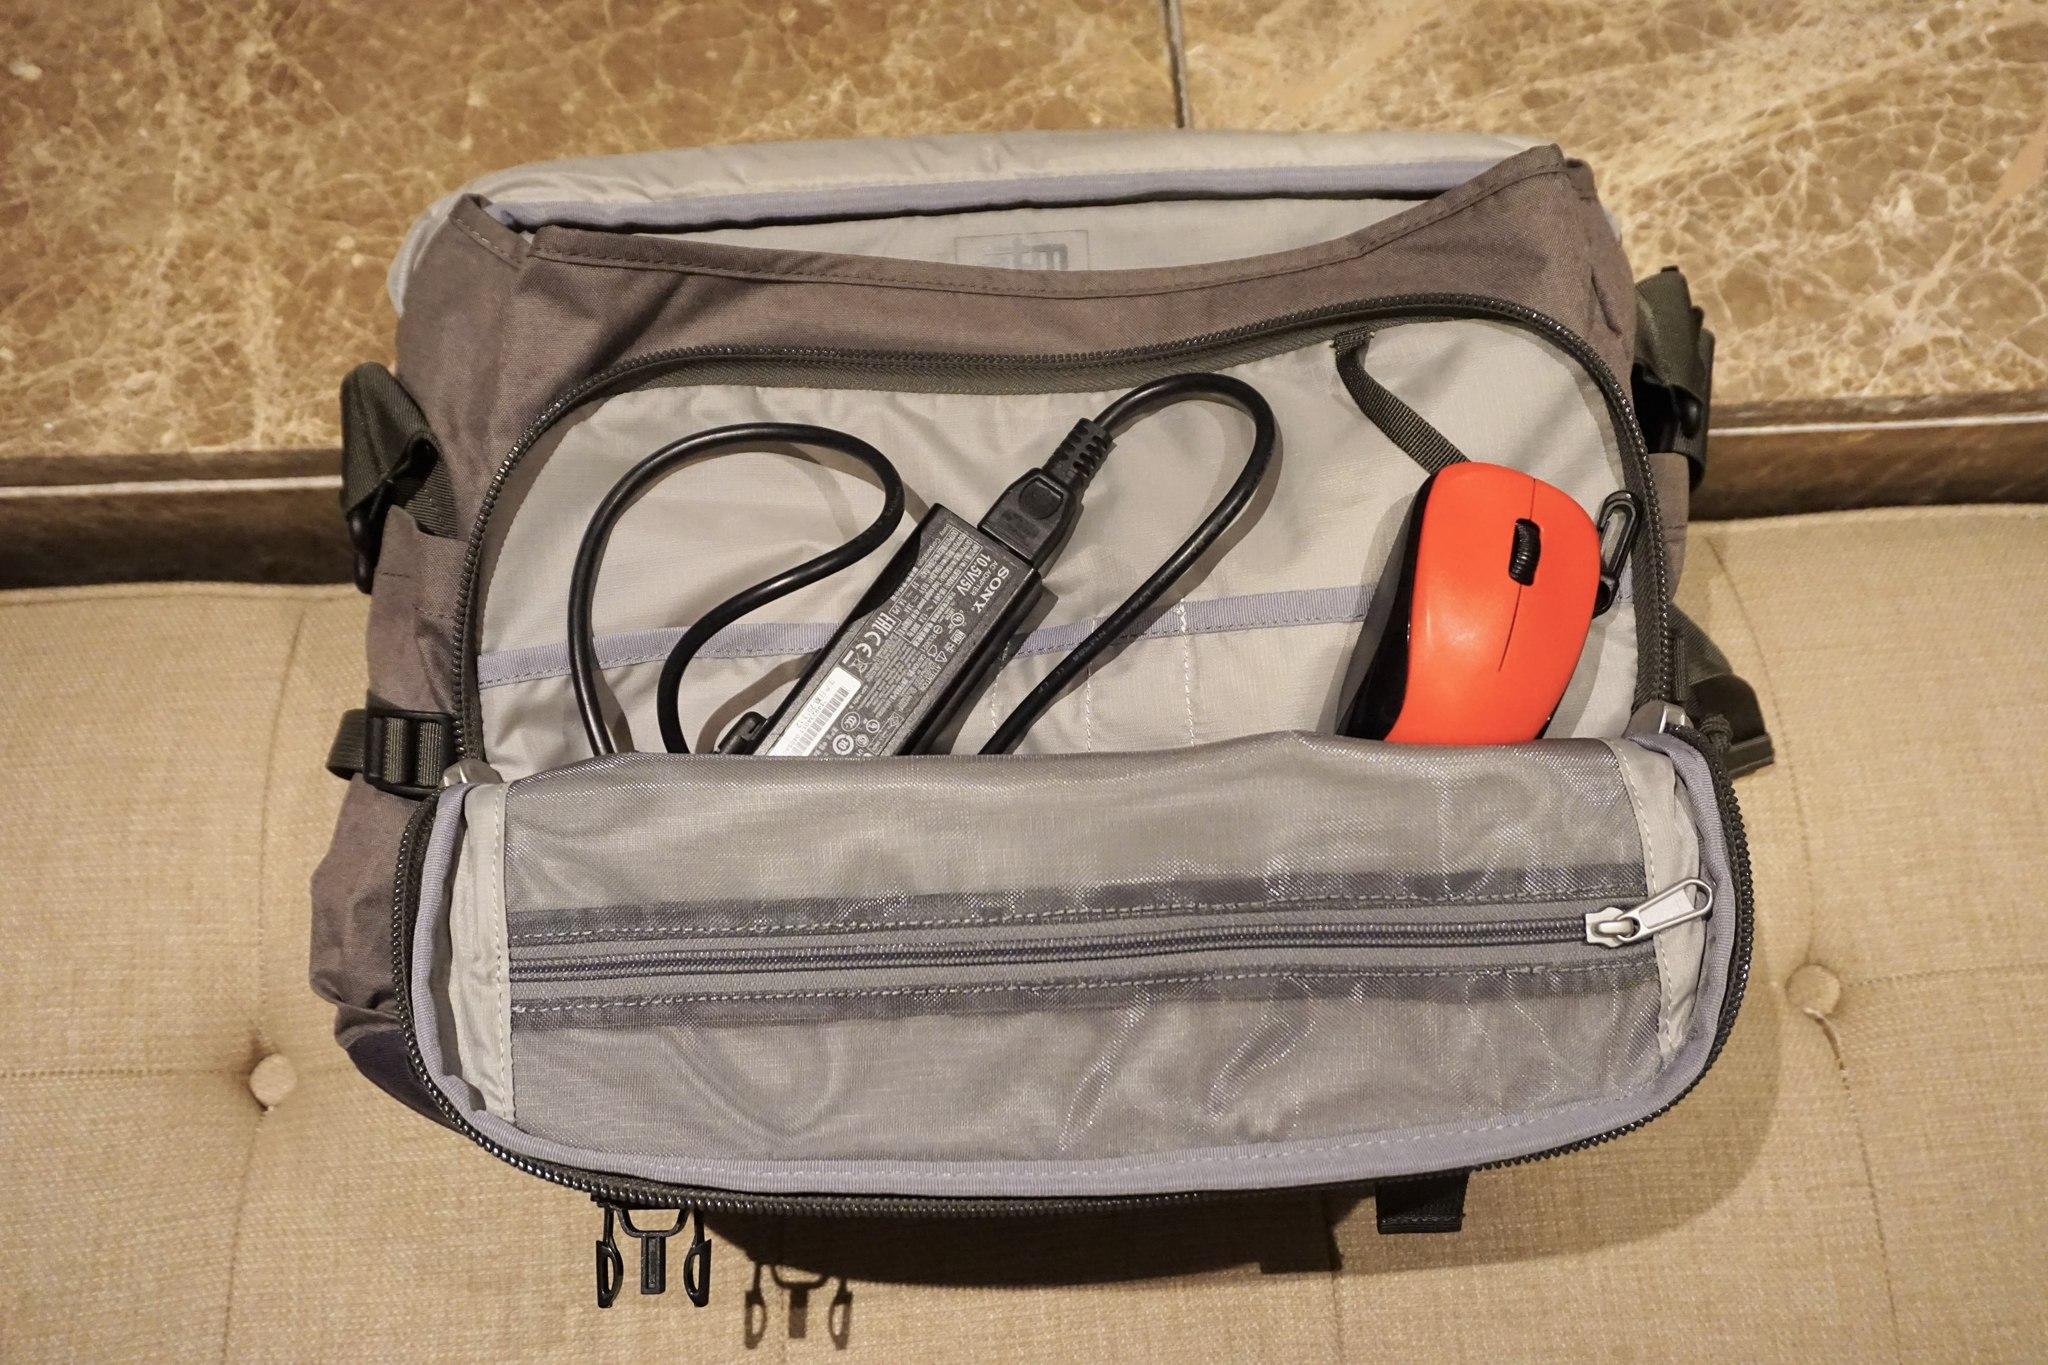 stm-trust-15-inch-laptop-messenger-bag-8